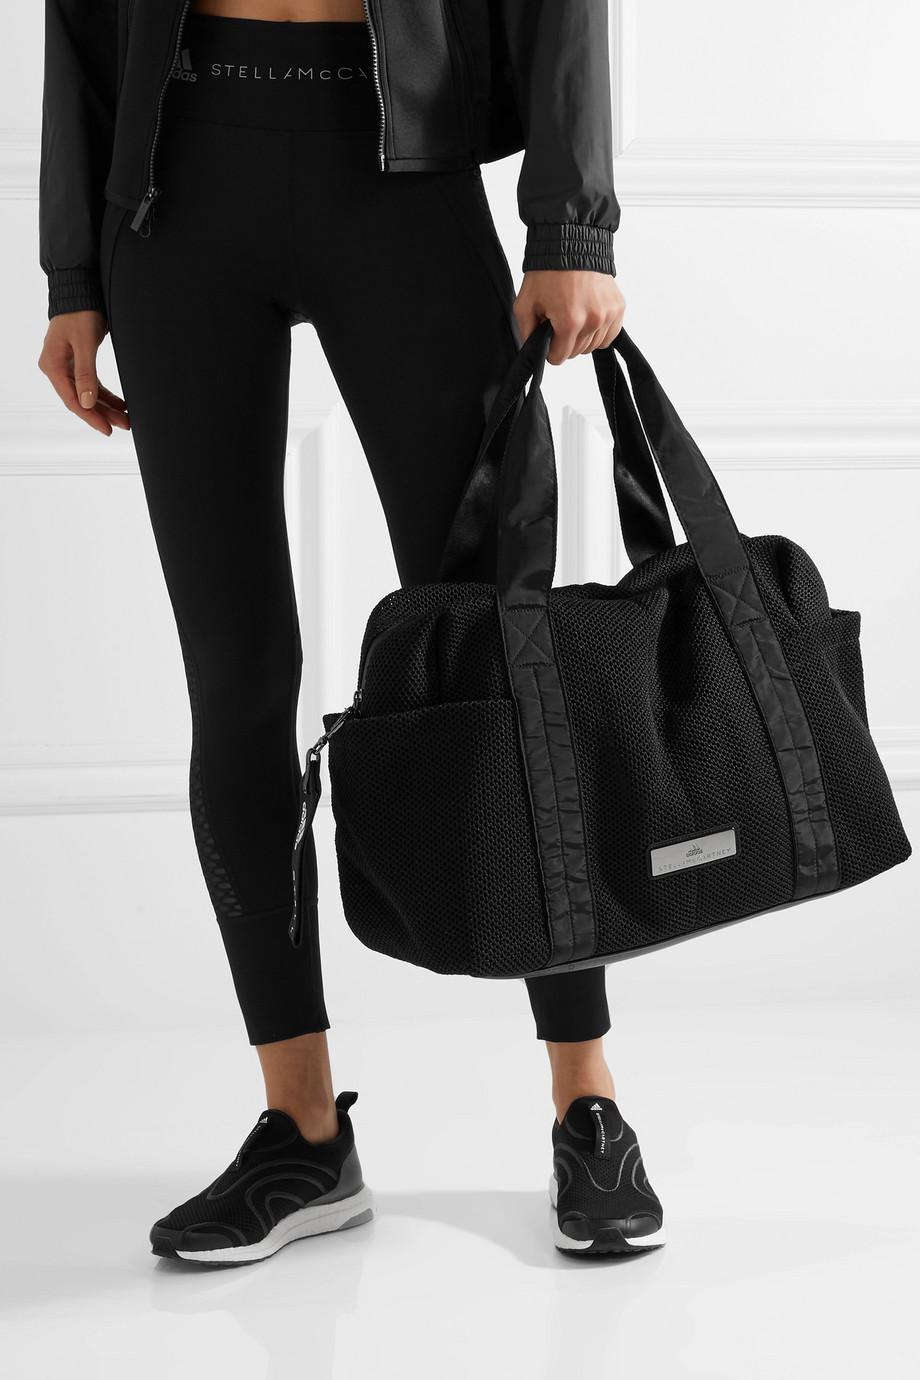 Lyst - adidas By Stella McCartney Shipshape Mesh Gym Bag in Black 4a61357ff1479